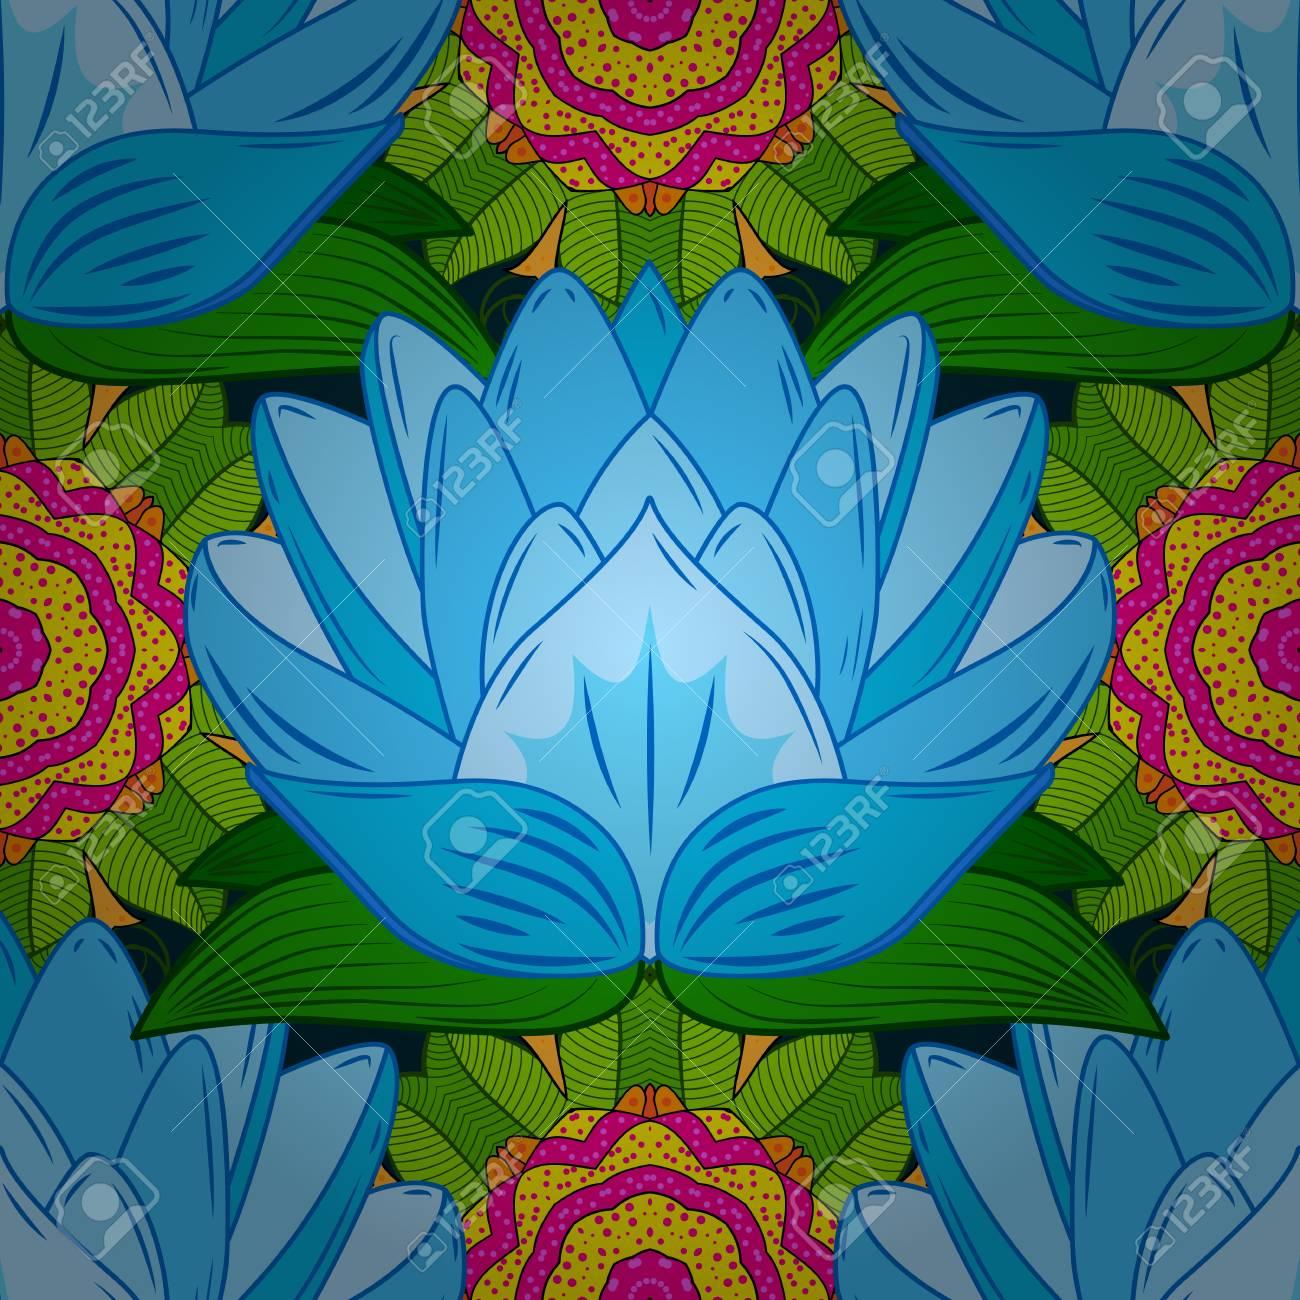 Patron Sin Fisuras Con Motivos Florales Patron Floral Transparente